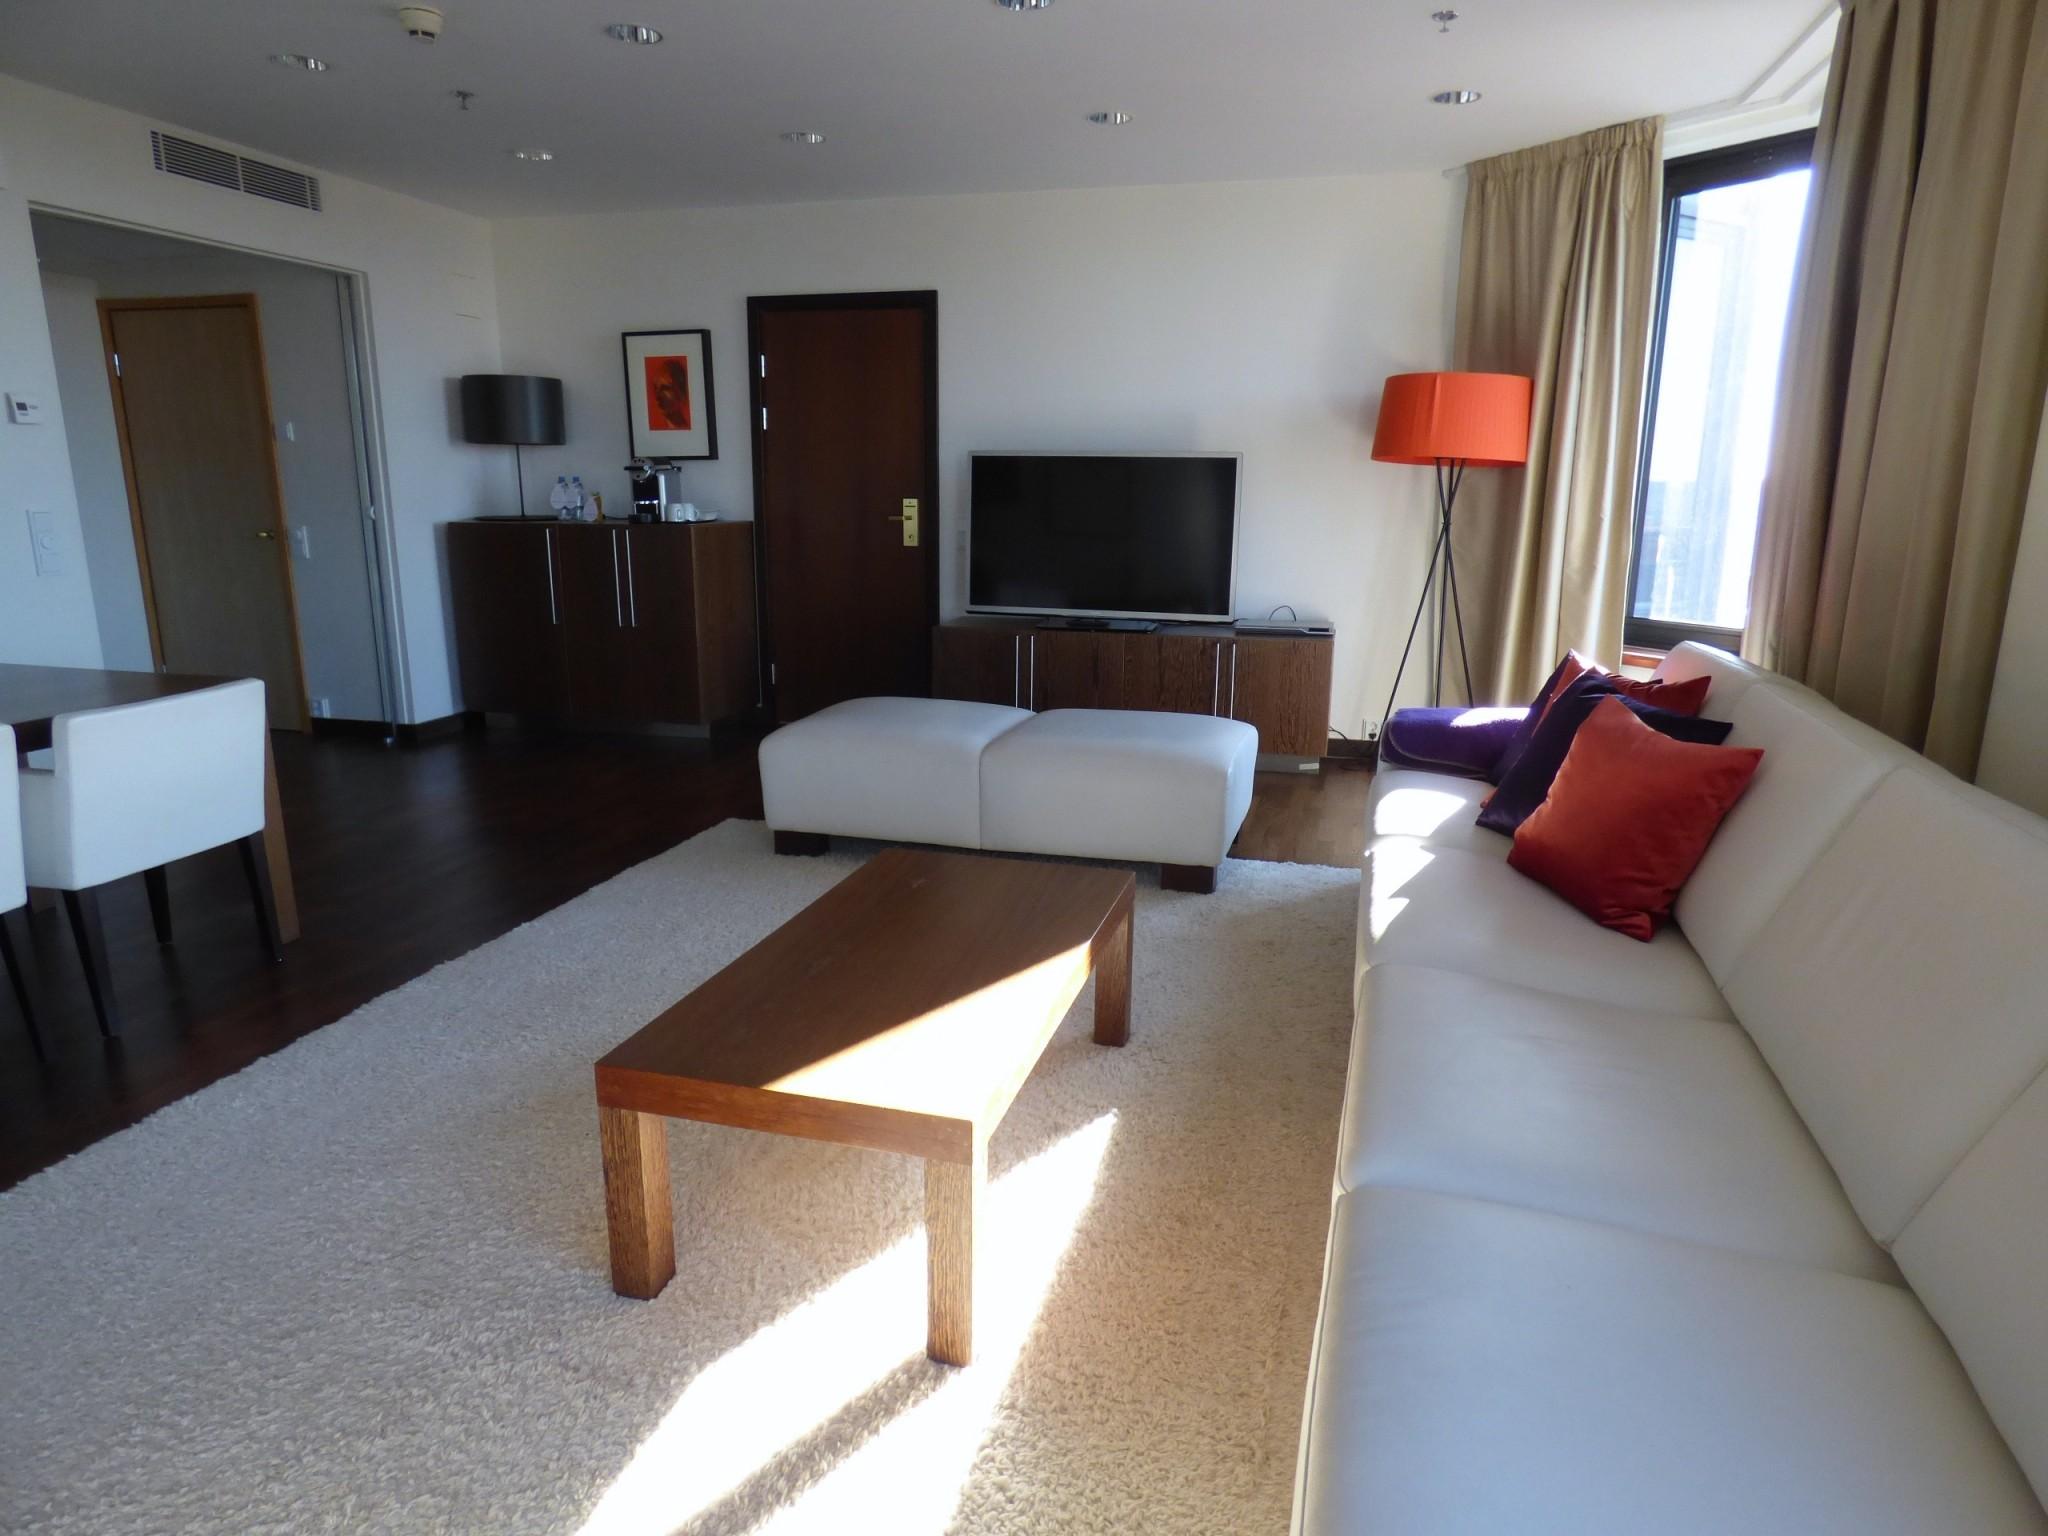 Sokos Hotel Ilves Sviitti